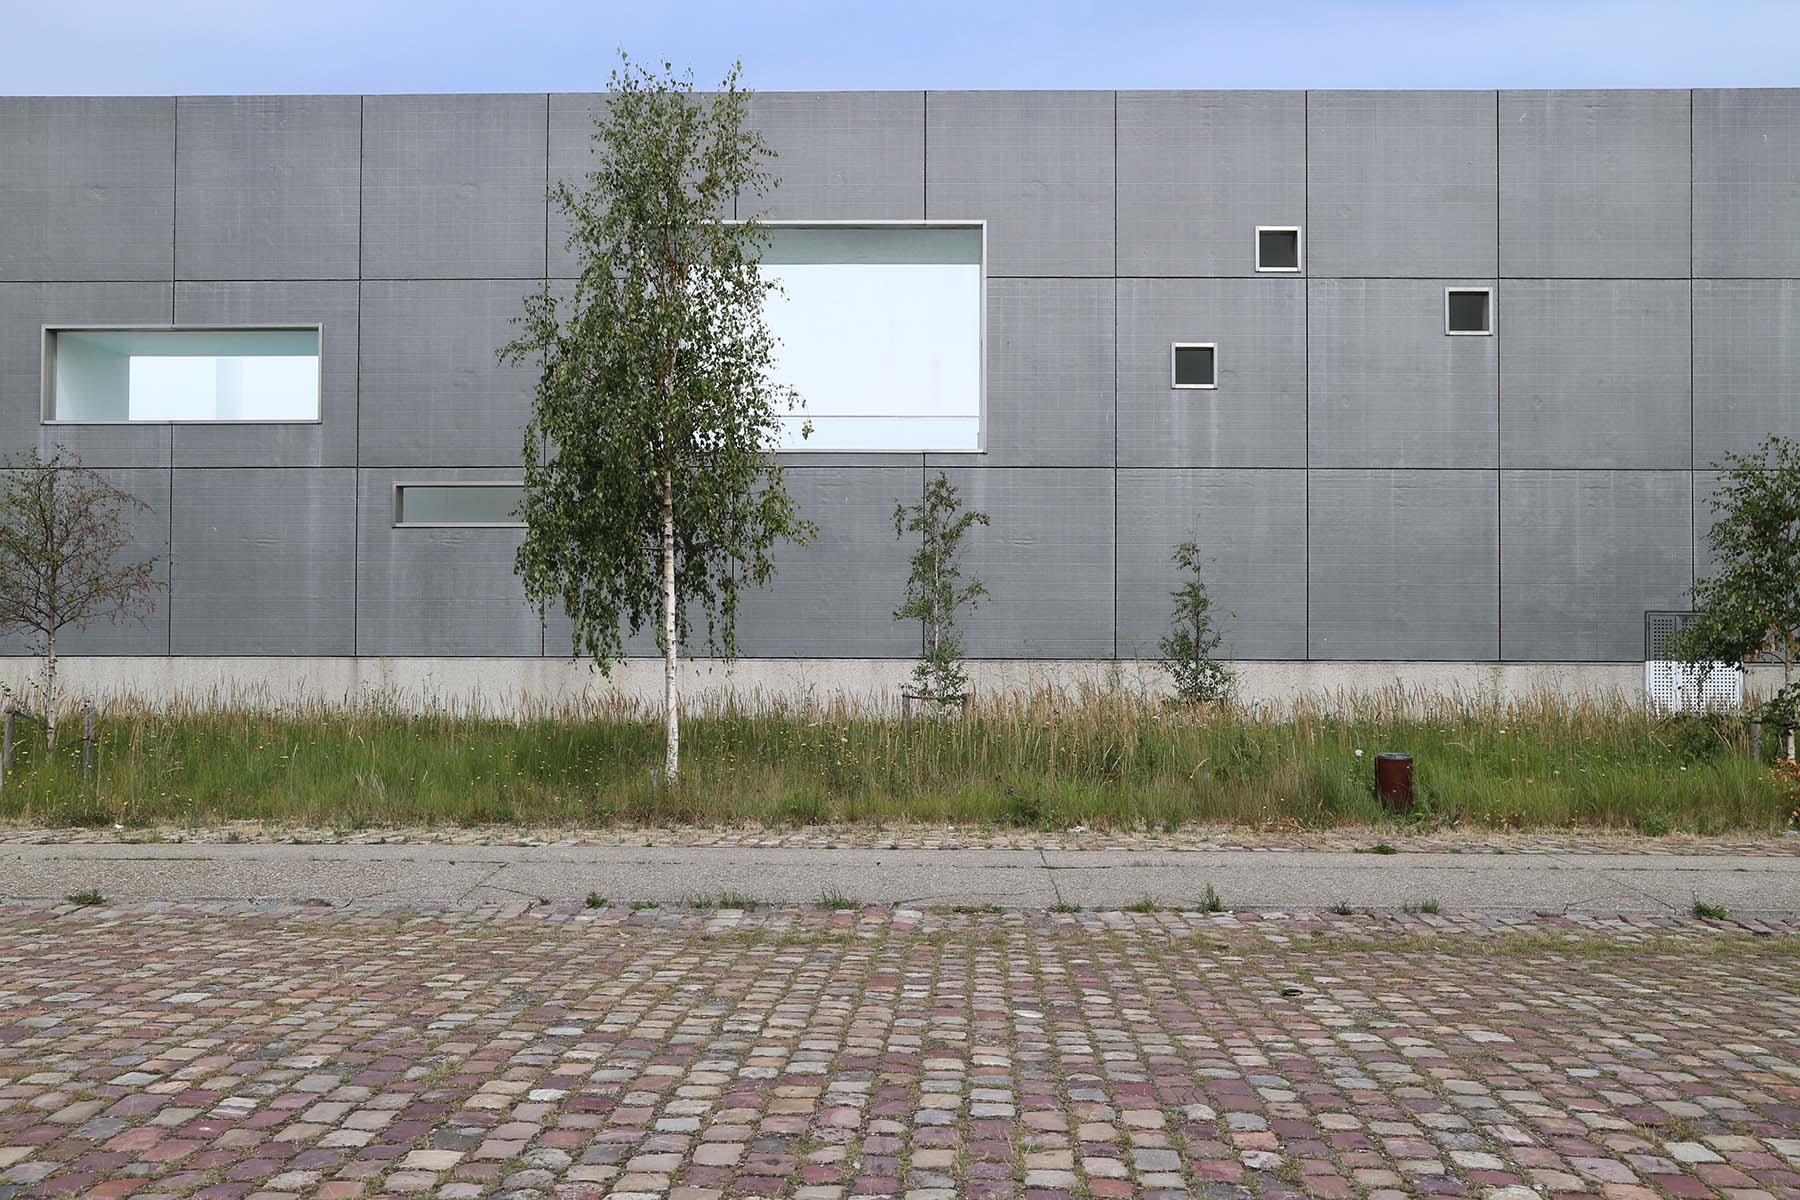 Parcours Les Bassins.  Großartig: Die Bains des Docks vom Ateliers Jean Nouvel. Seit 2008 ein Muß bei jedem Besuch in Le Havre. Die weiße Badelandschaft im Inneren des schlichten Baus ist atemberaubend.